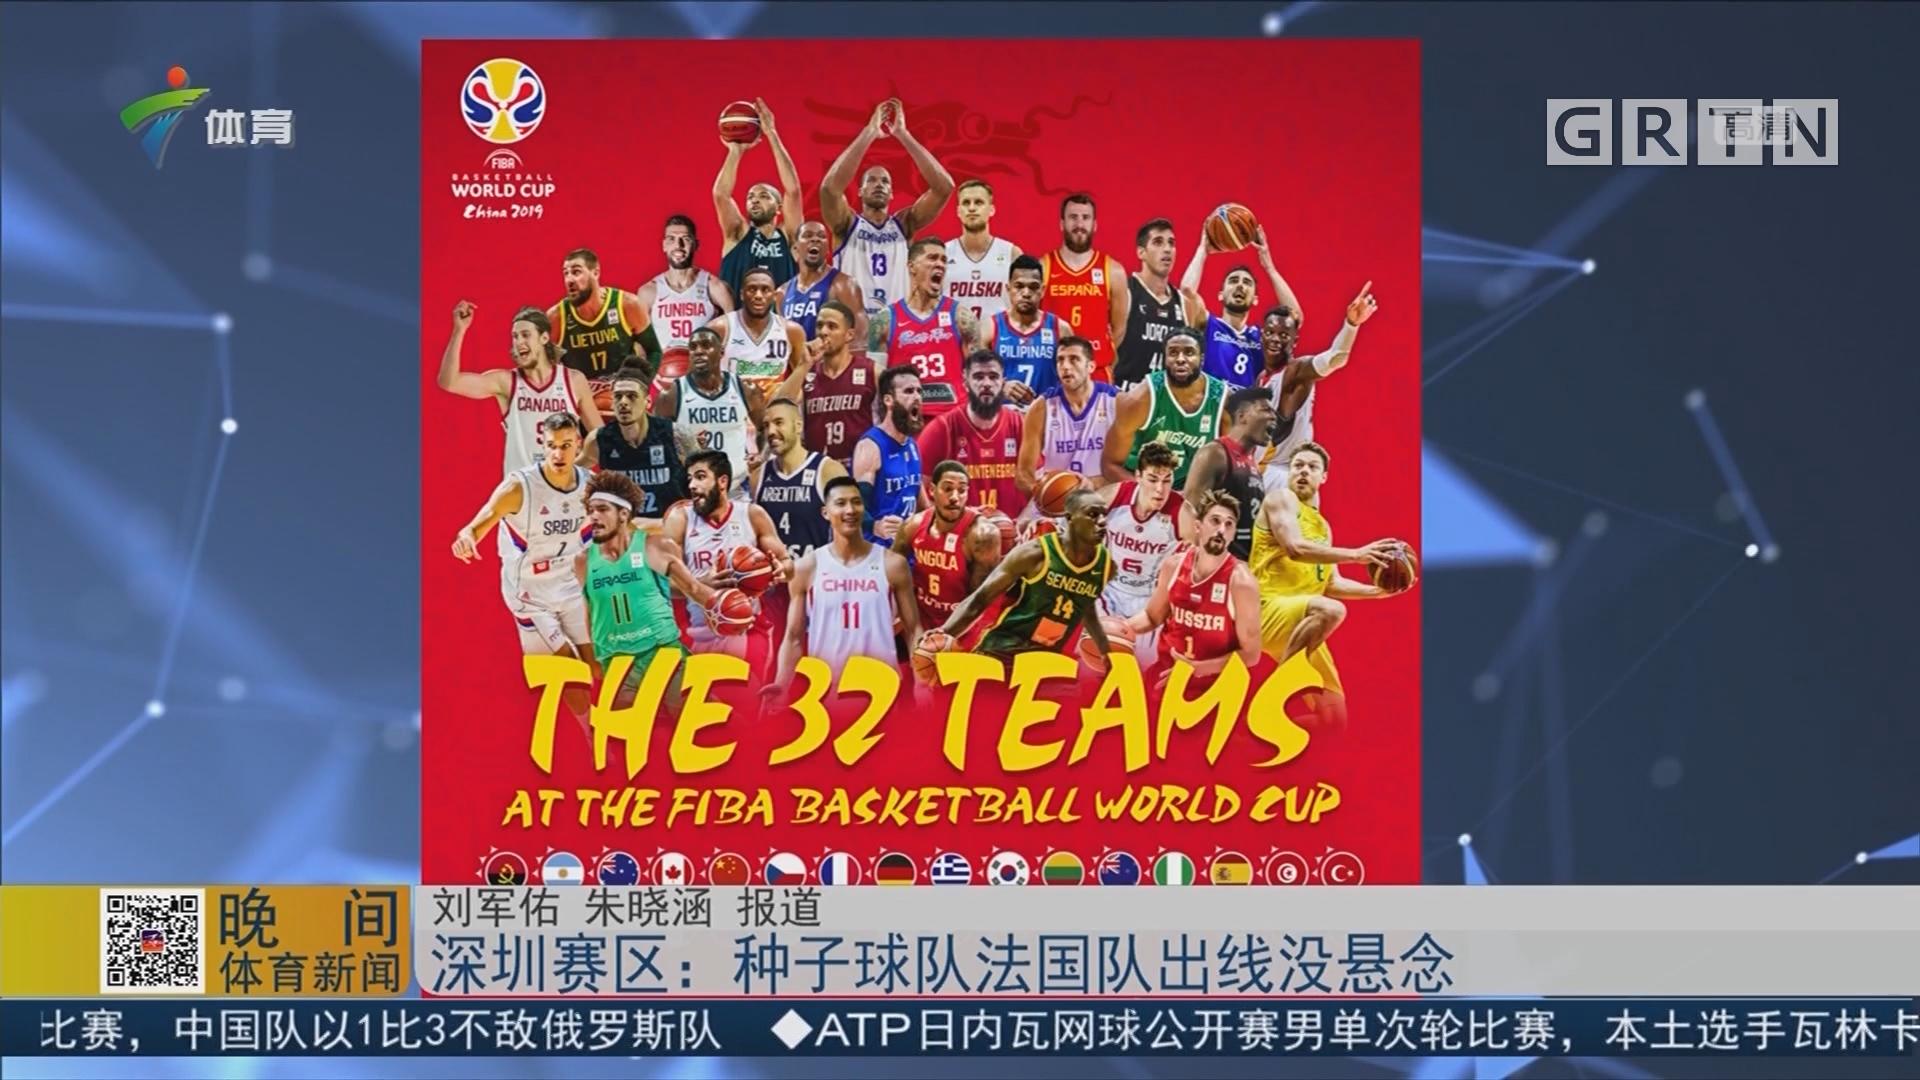 深圳赛区:种子球队法国队出线没悬念